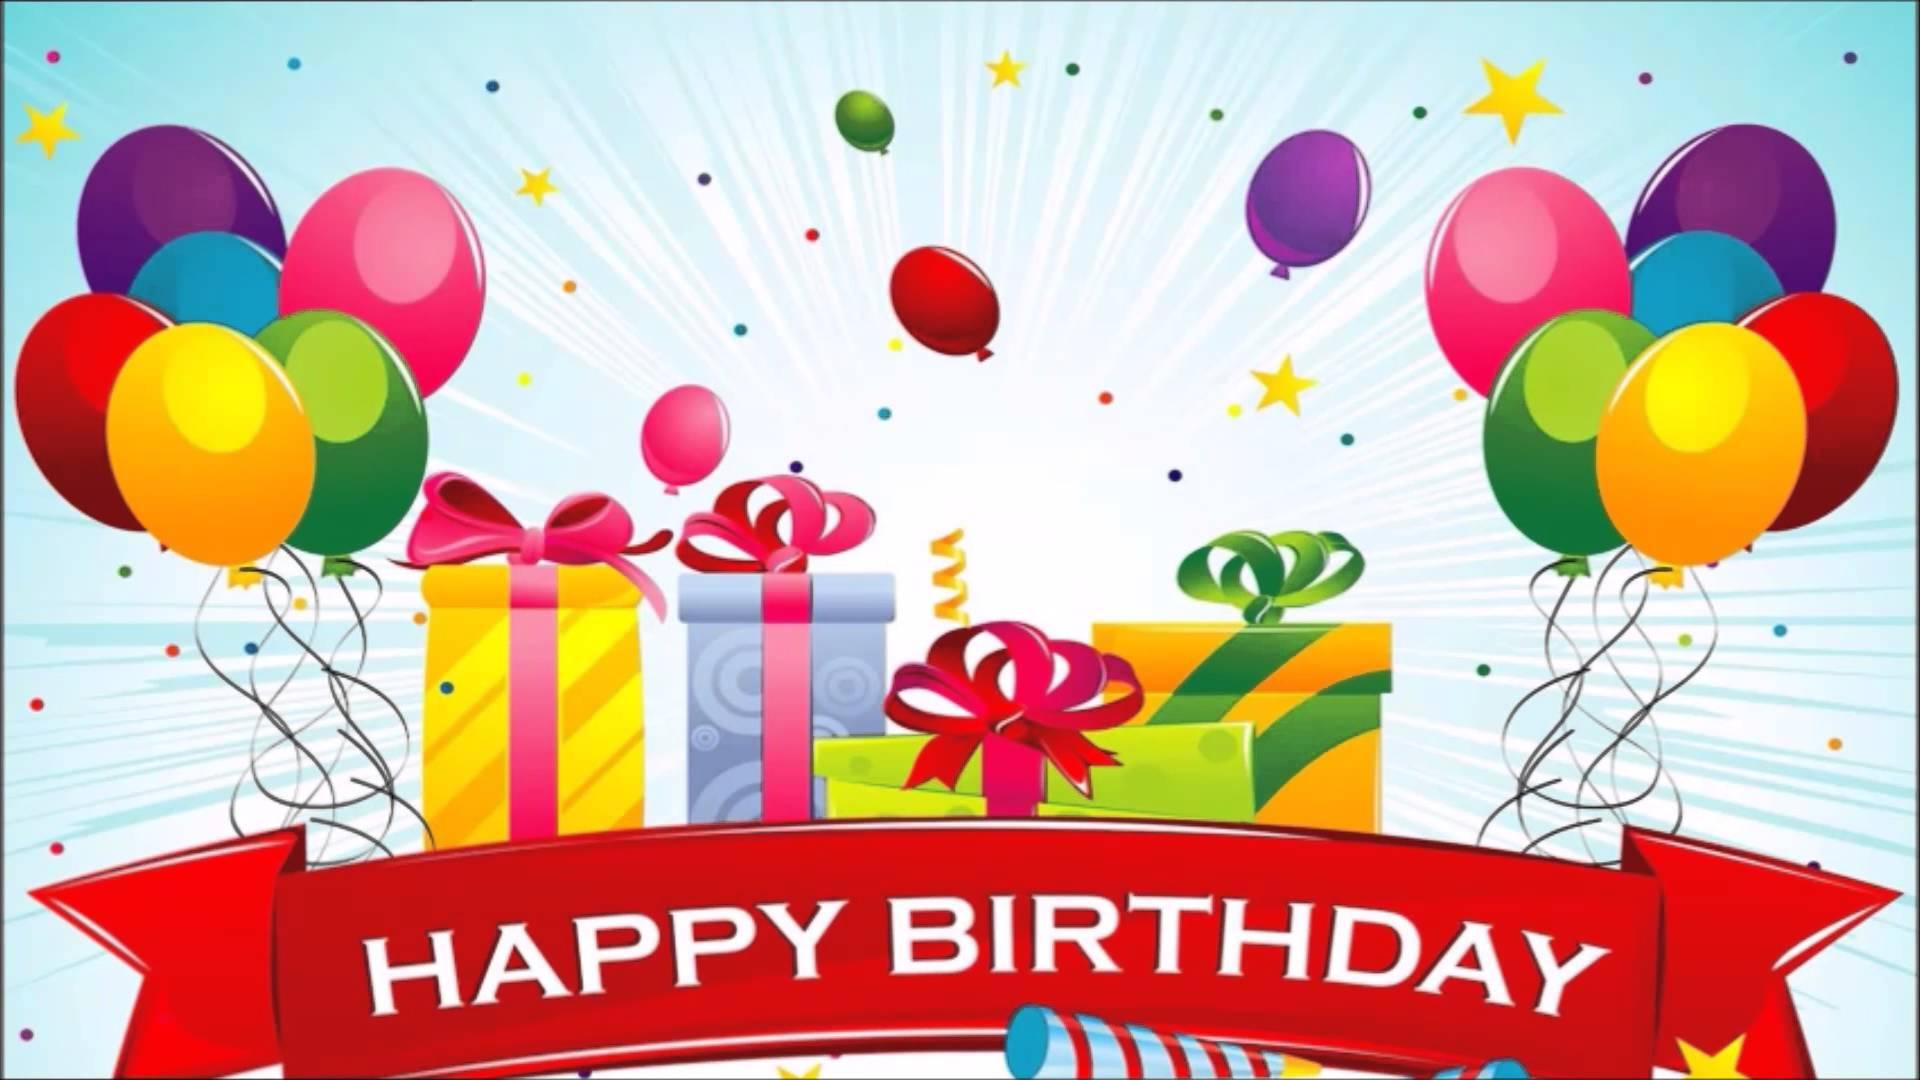 97 Imágenes de Feliz Cumpleaños con Frases y Mensajes de Felicitaciones